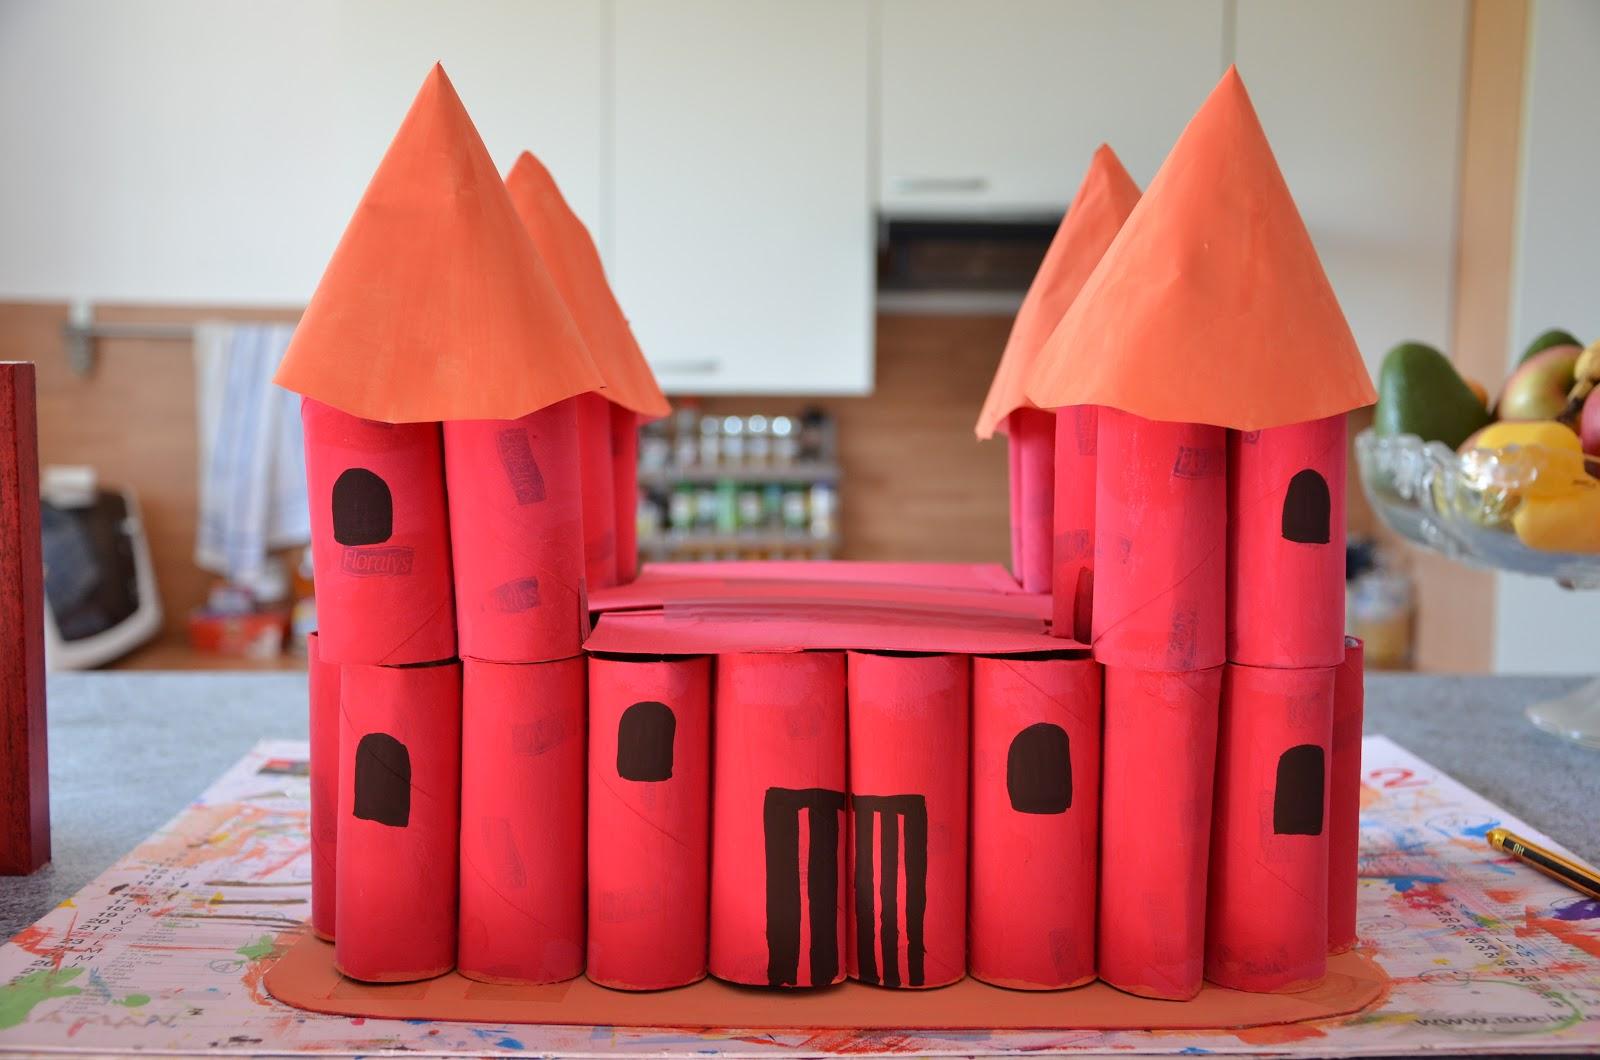 Nounou mariposa et ses chenilles chateau fort en carton - Activite manuelle avec des rouleaux de papier toilette ...